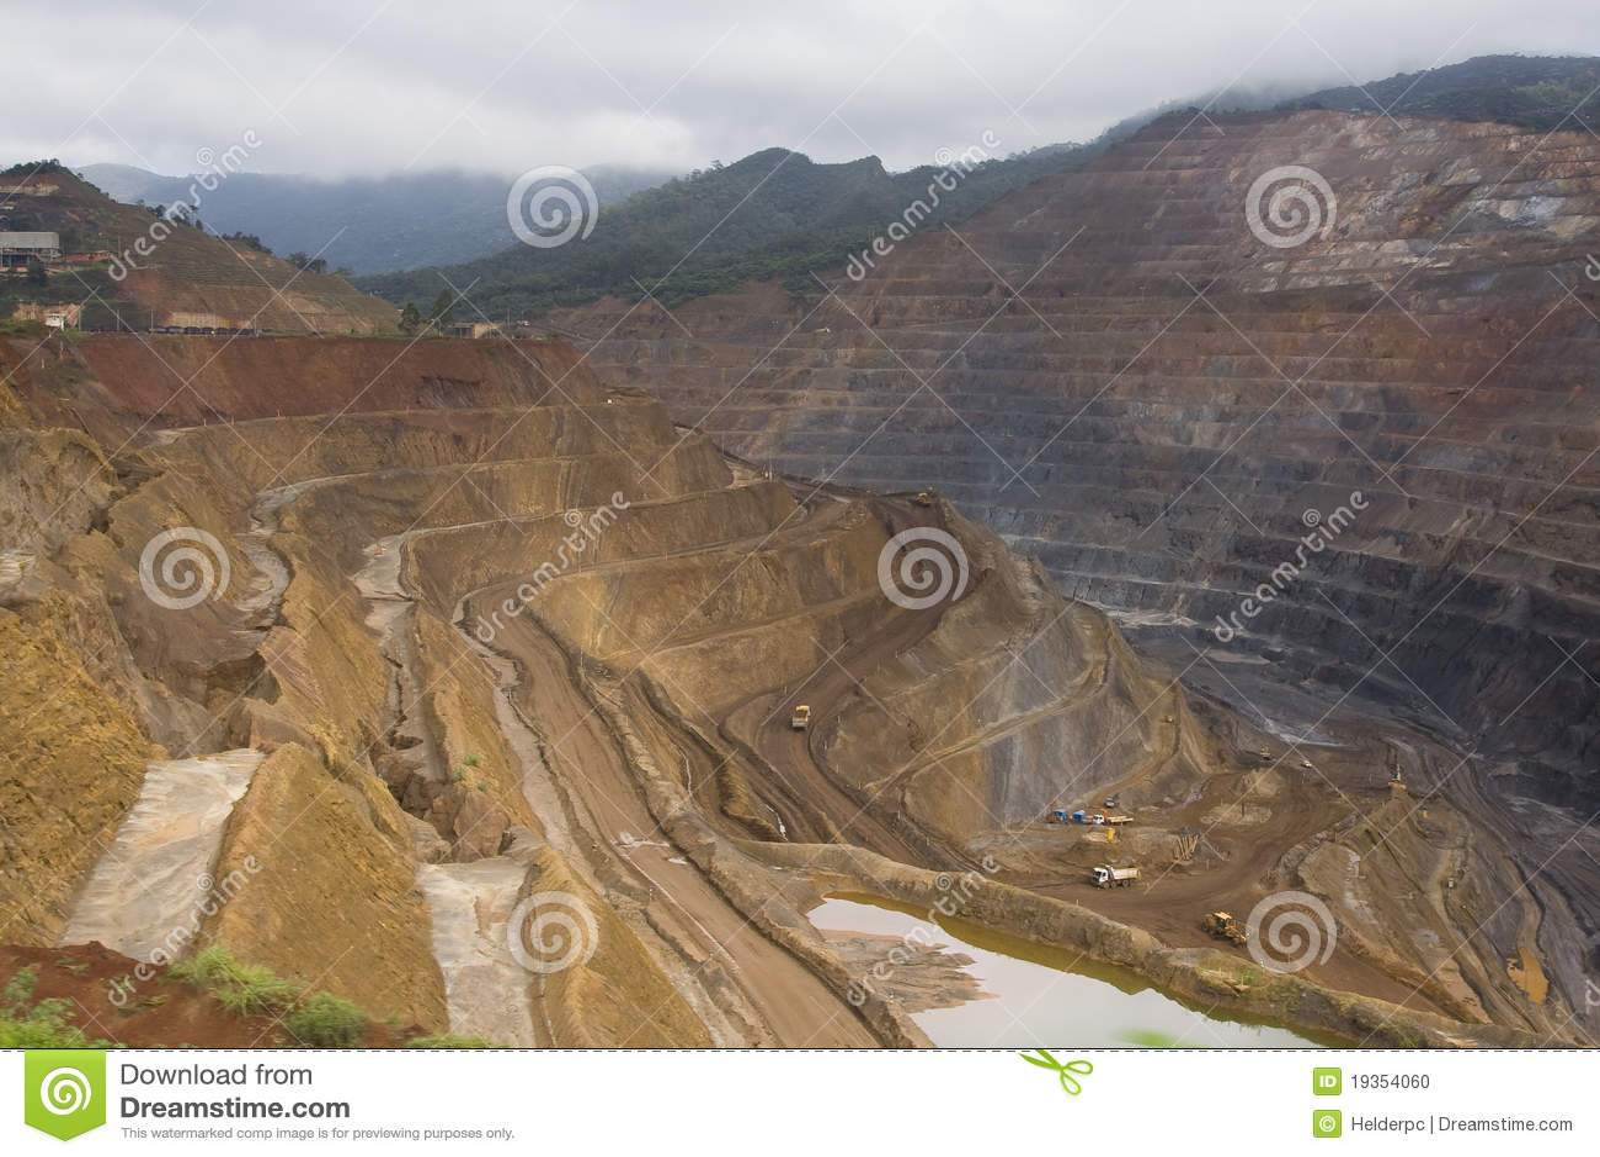 De mijnbouw van het erts